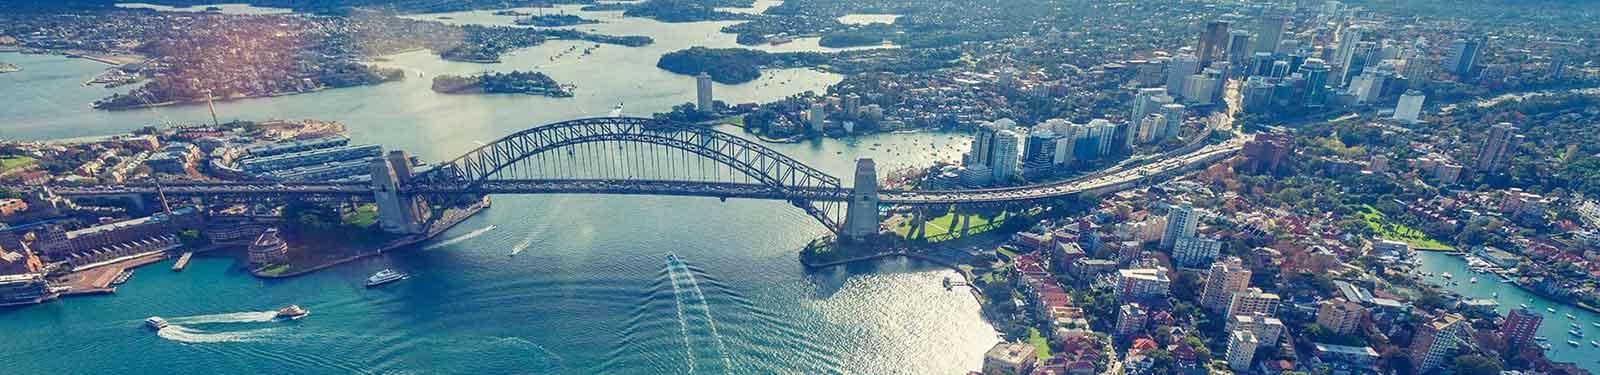 Sydney bridge NSW